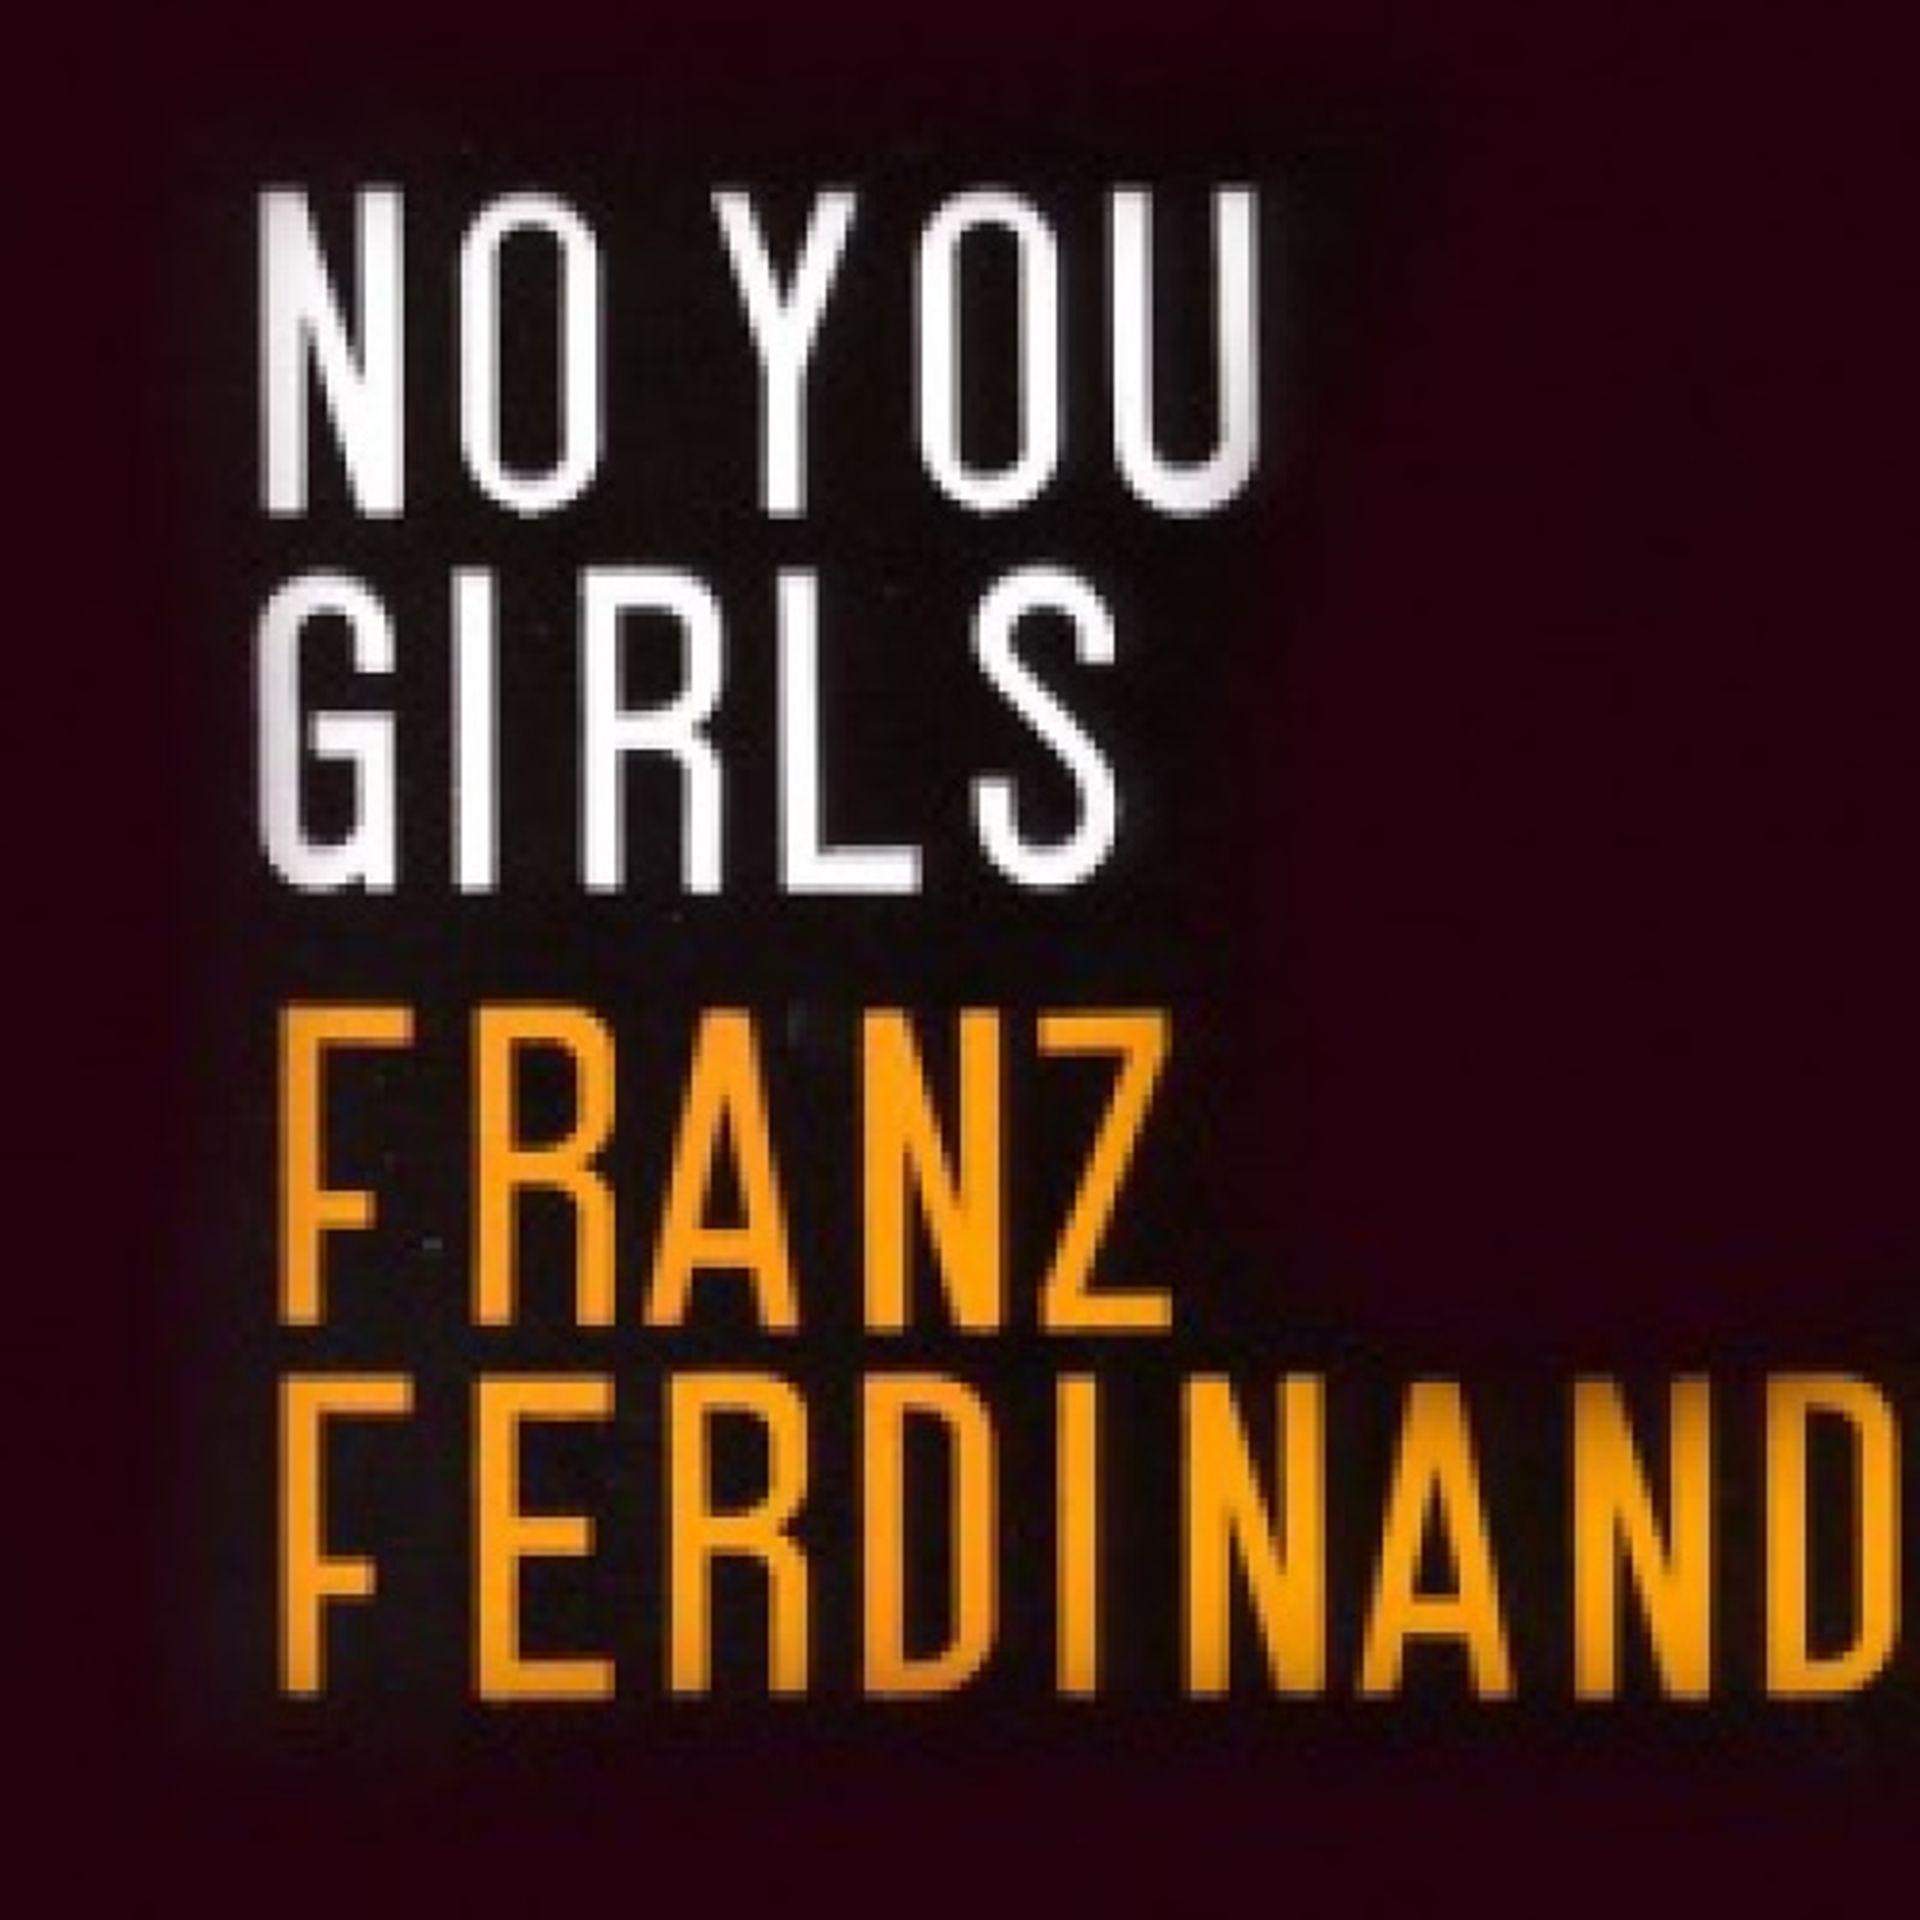 NO YOU GIRLS